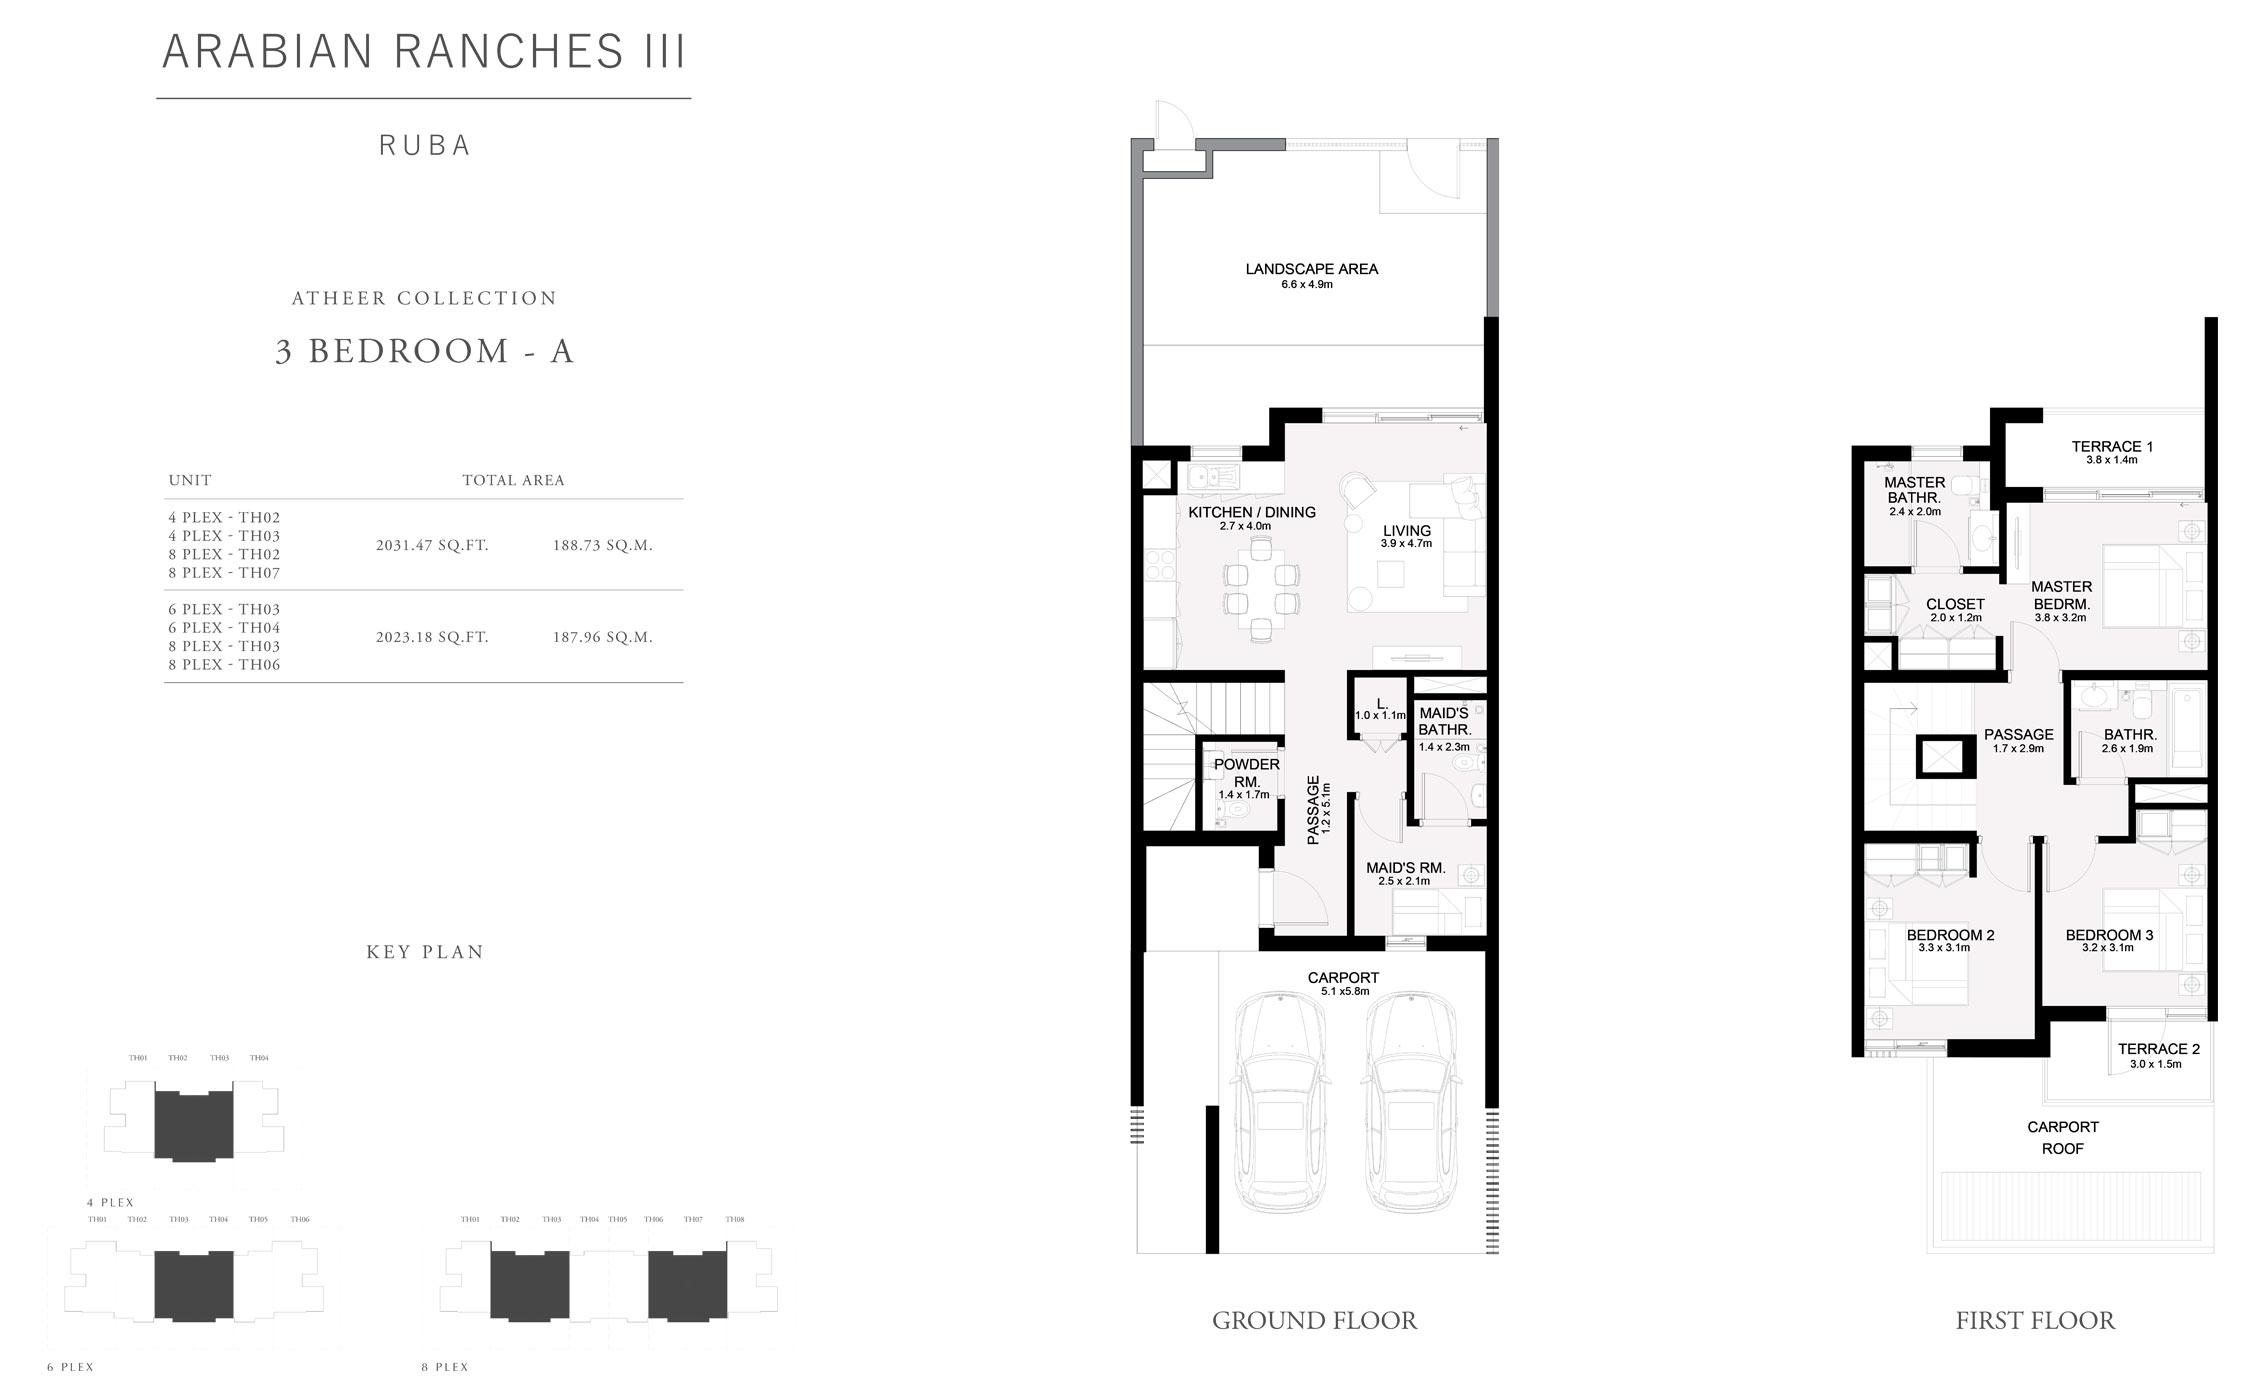 مجموعة أثير تاون هاوس من 3 غرف نوم، A  ، حجم 2023 قدم مربع